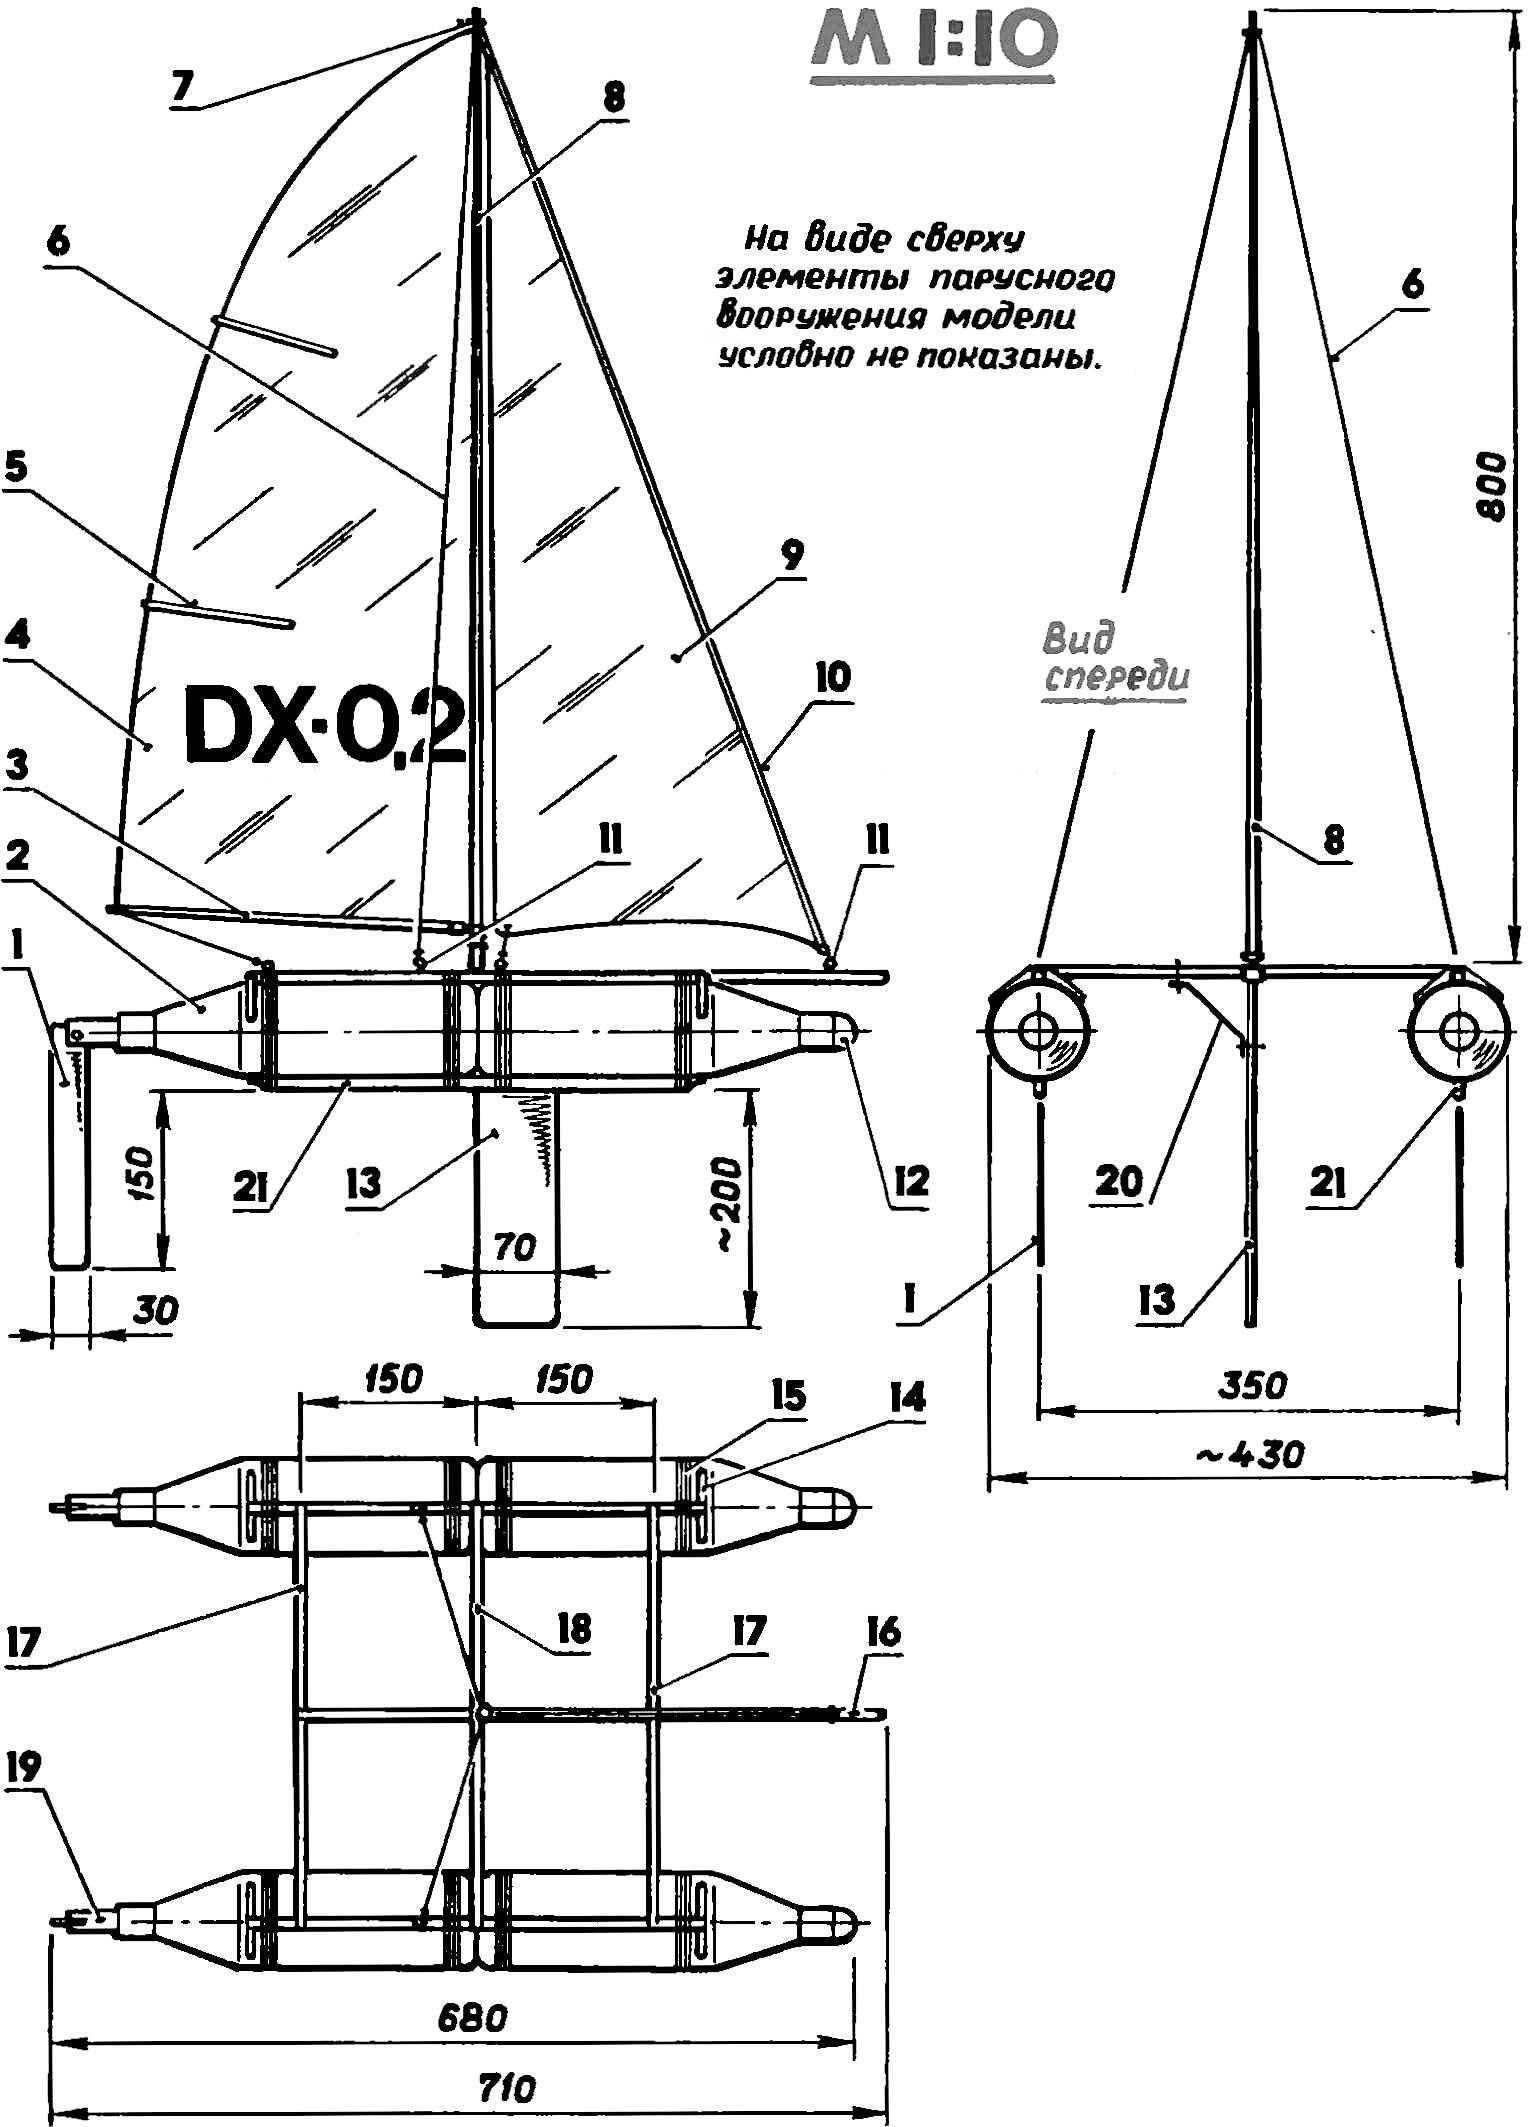 Парусная модель яхты-катамарана.